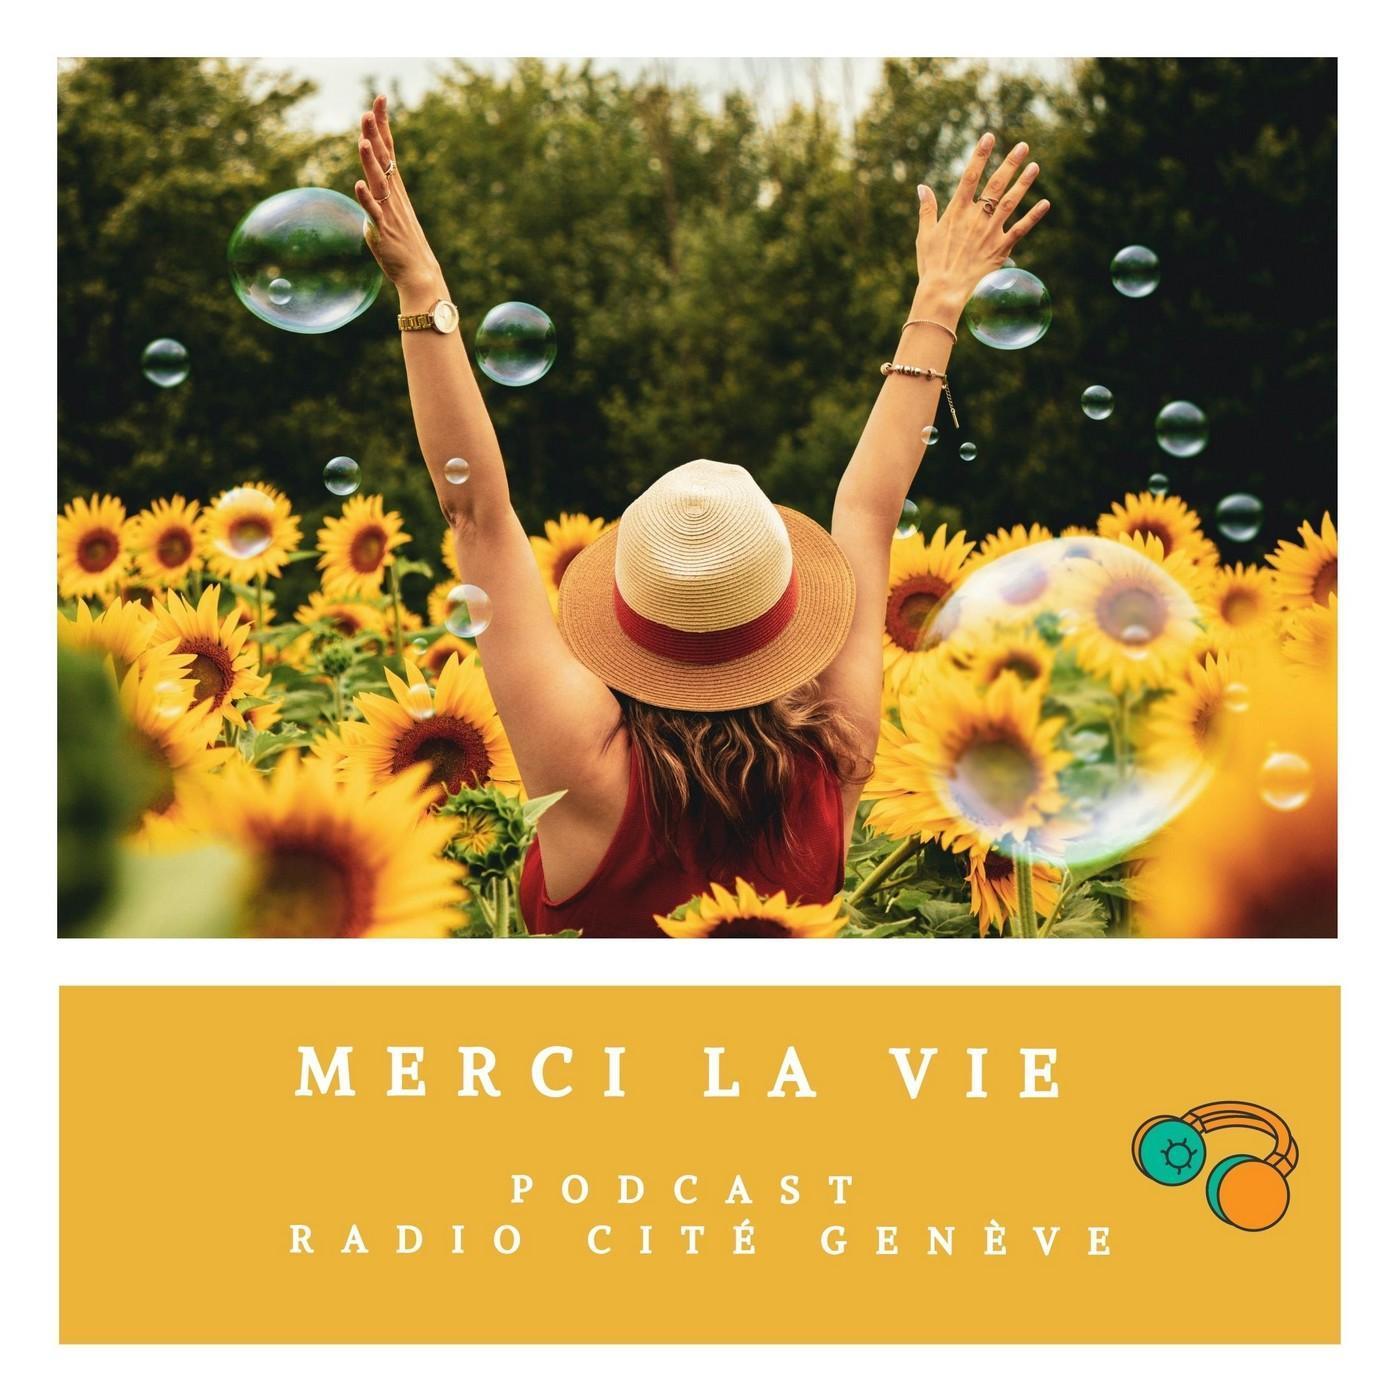 Merci la Vie du 15/06/21 - Céline Van Till